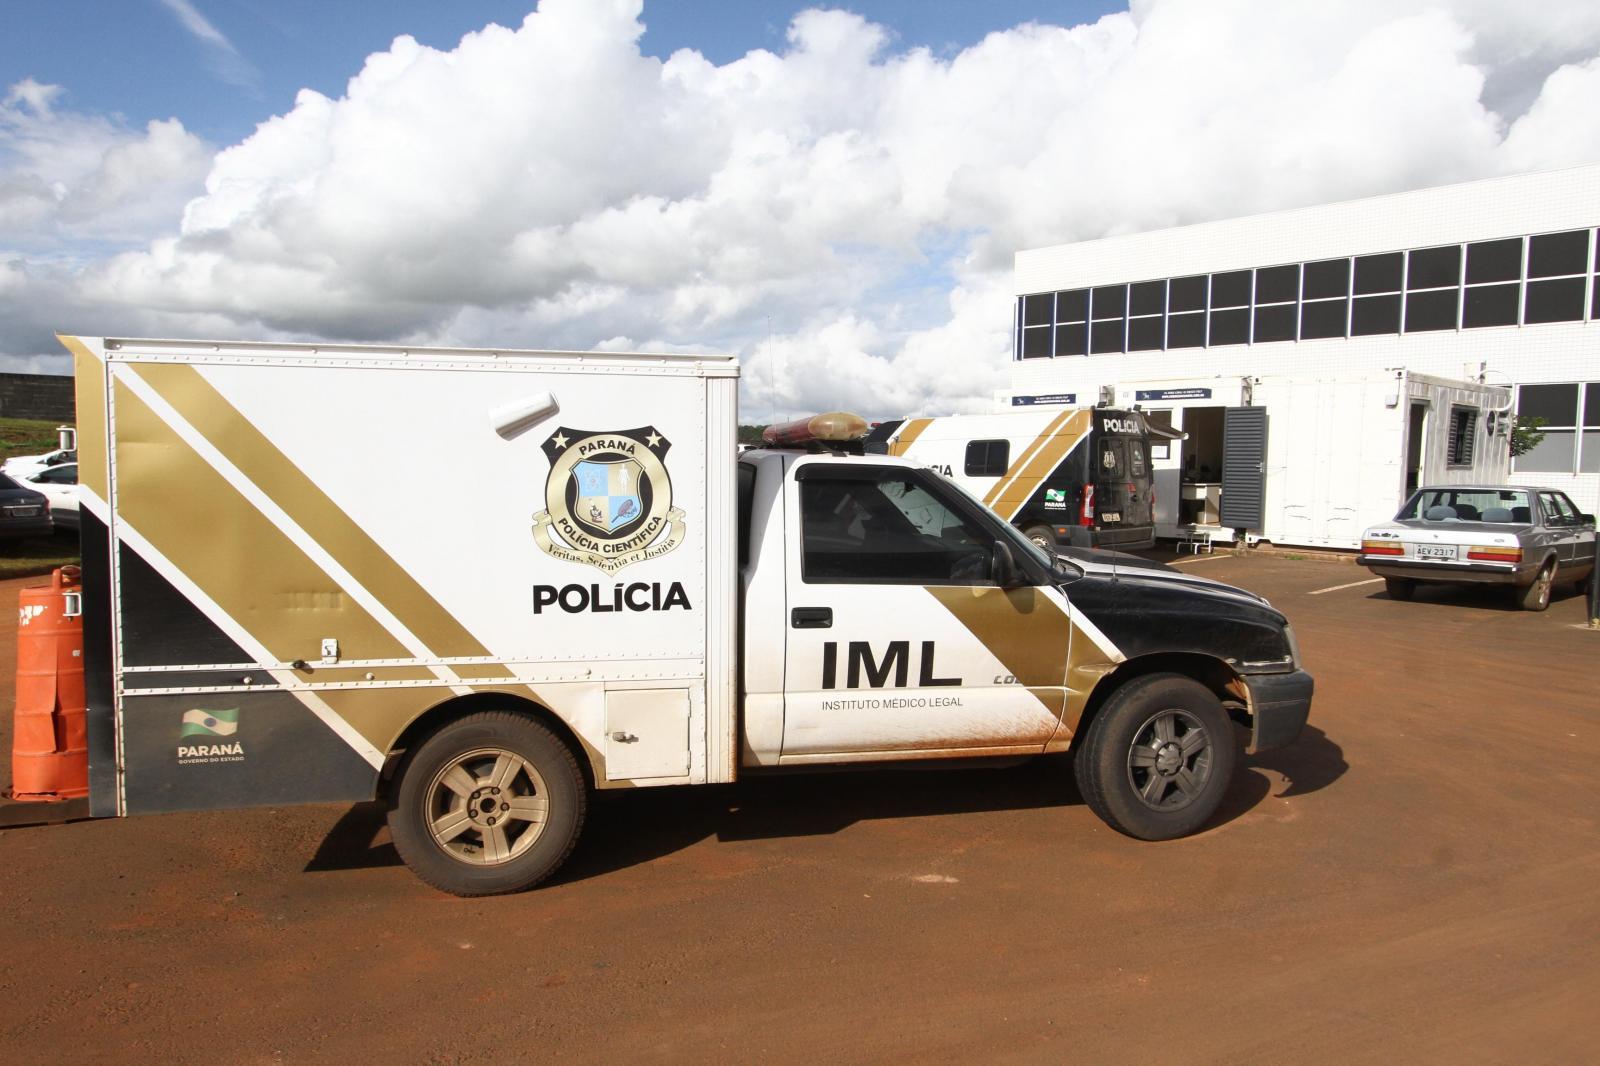 Após denuncia da Educadora FM, governo anuncia contratação de funcionários para IMLs